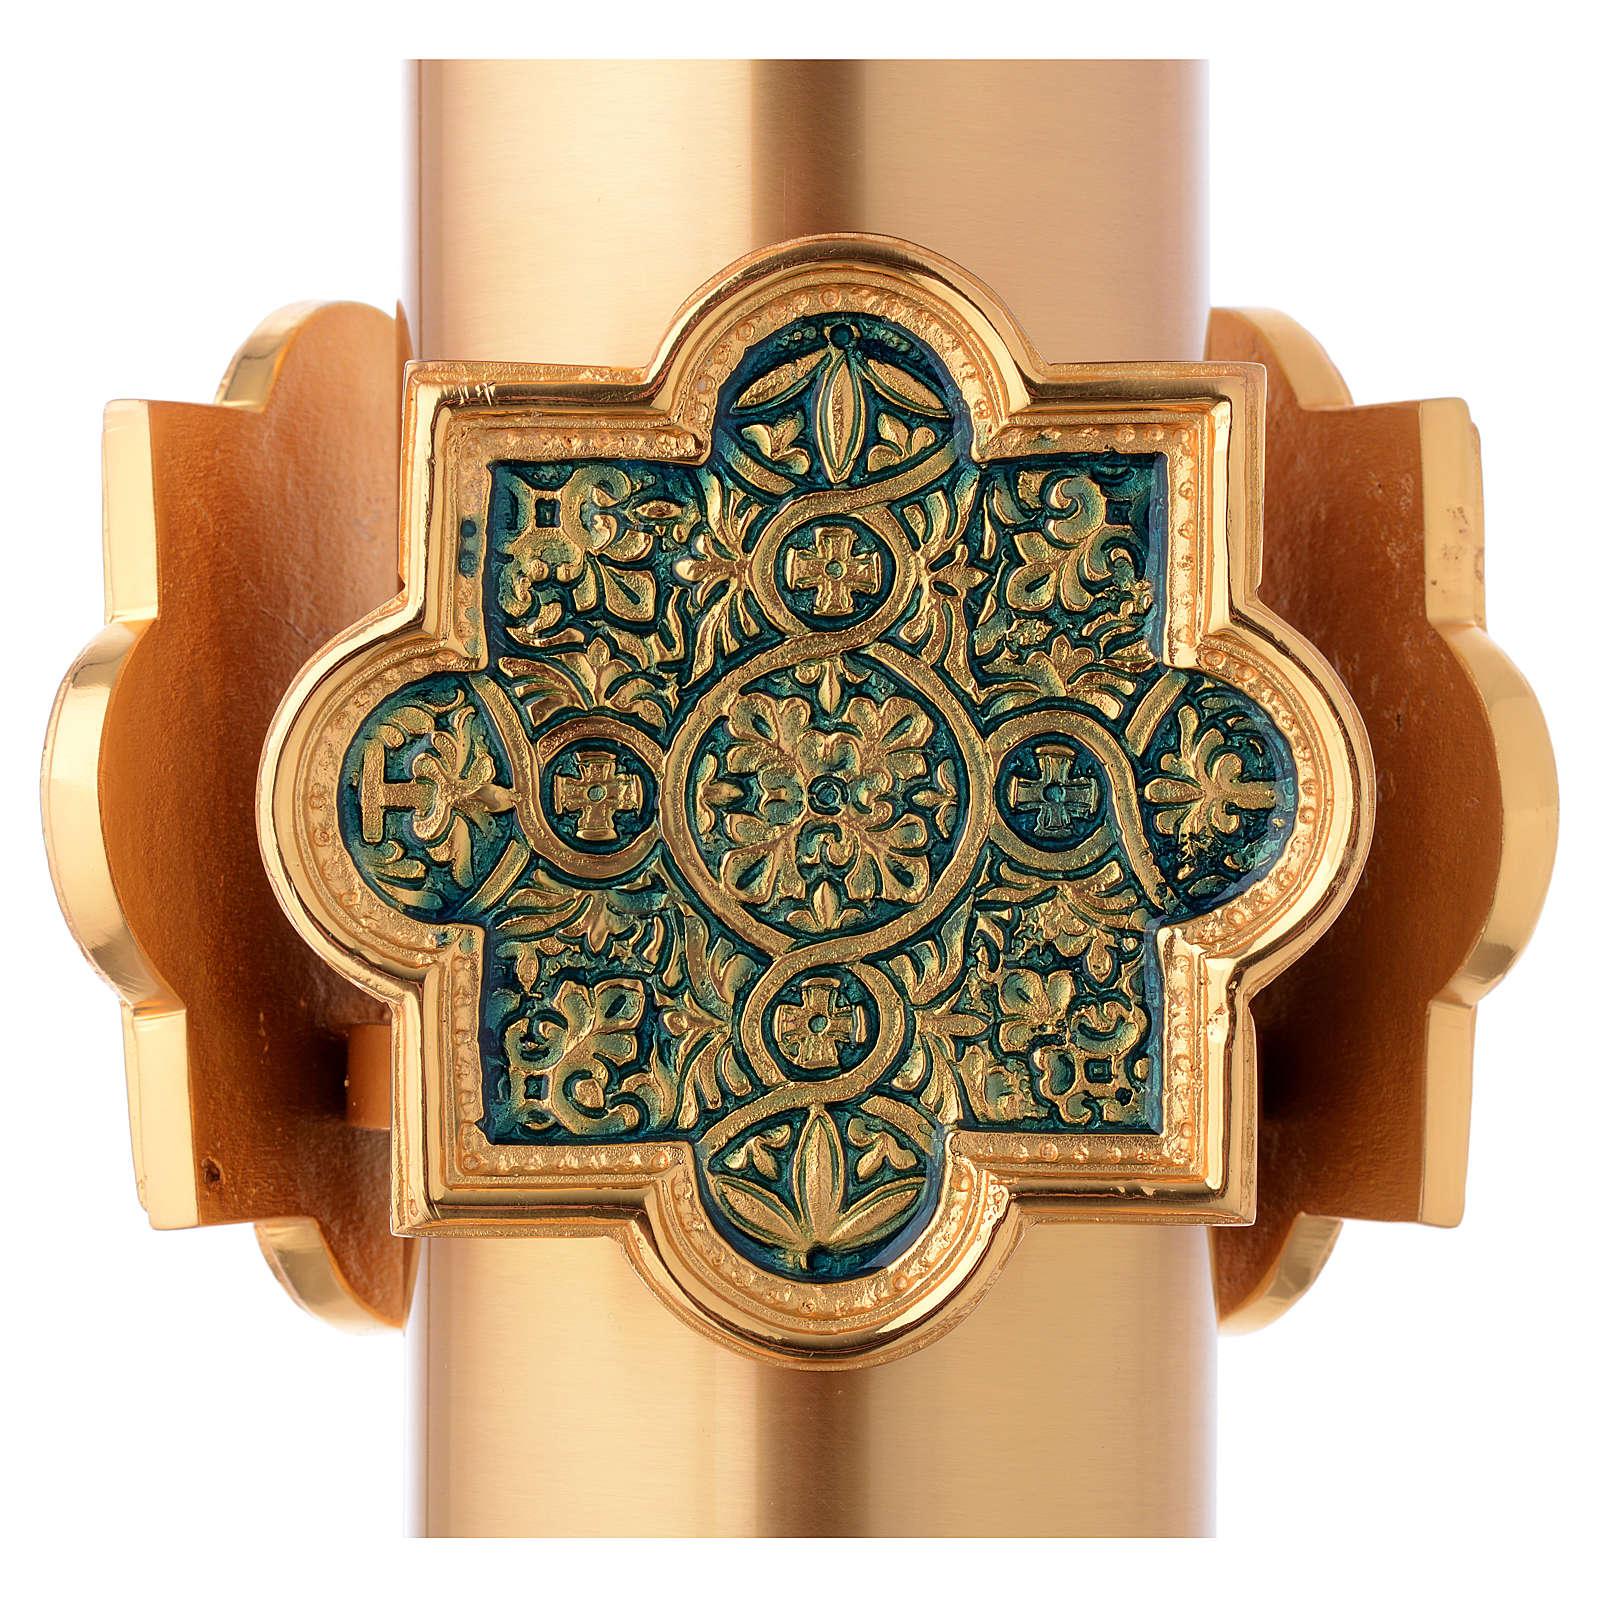 Fonte Battesimale dorata decoro blu laccato 4